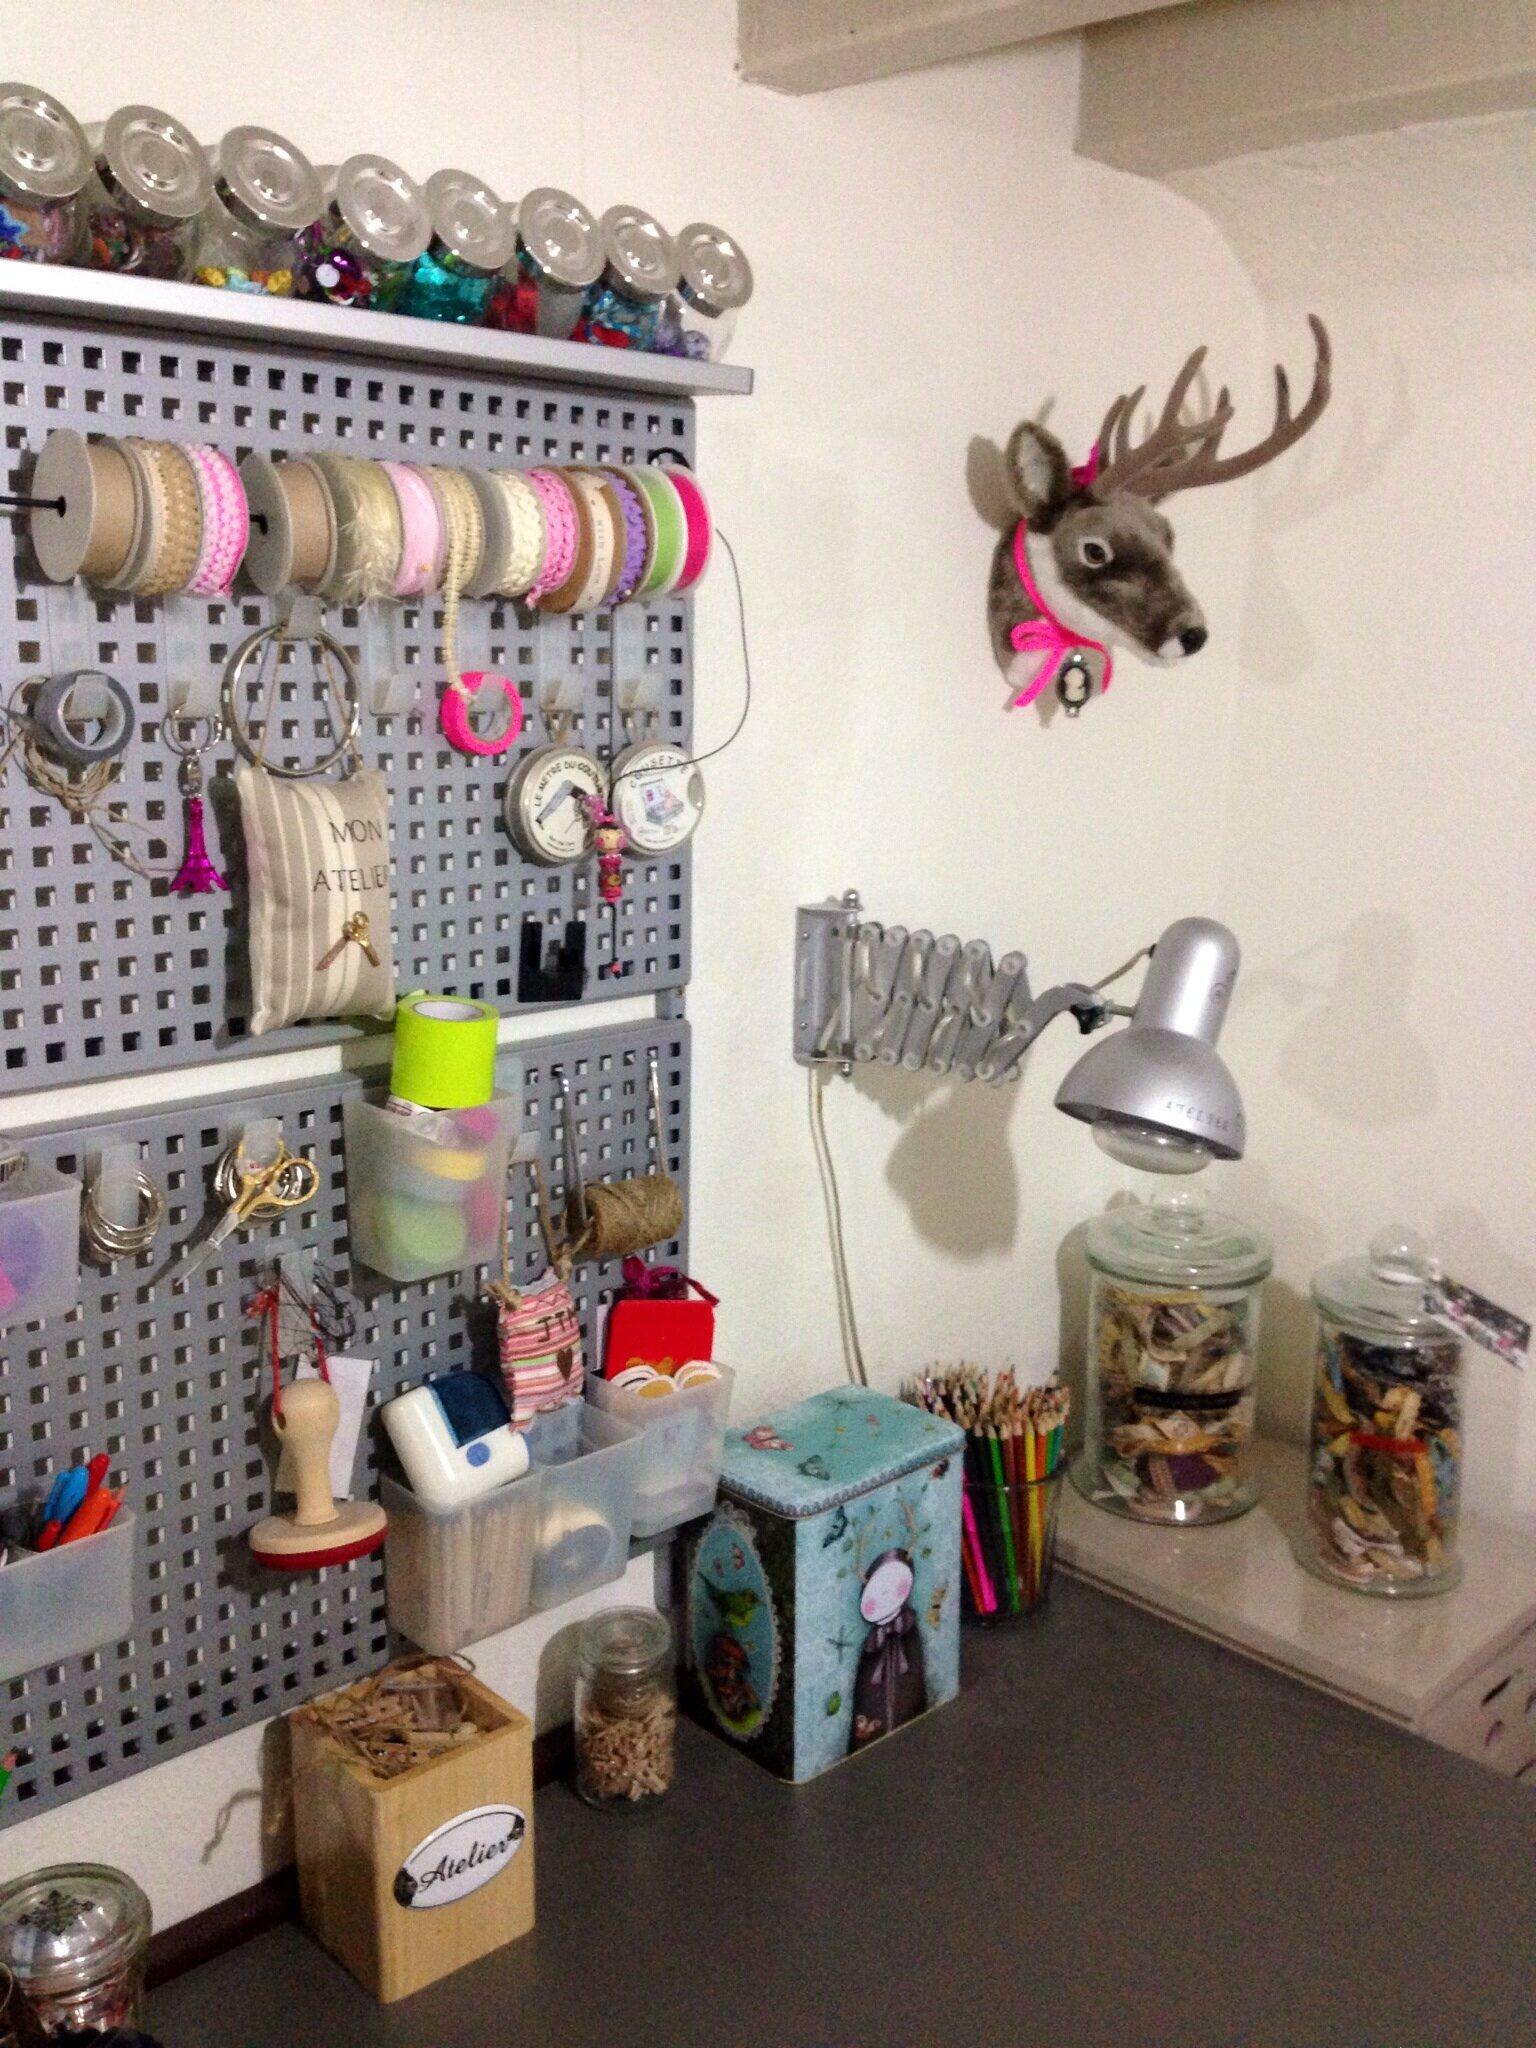 mon bureau avec encore des rangements petits pots ikea tte de cerf achet chez casa et customis rangement mural ikea il nexiste plus dommage cest - Rangement Muraux Ikea